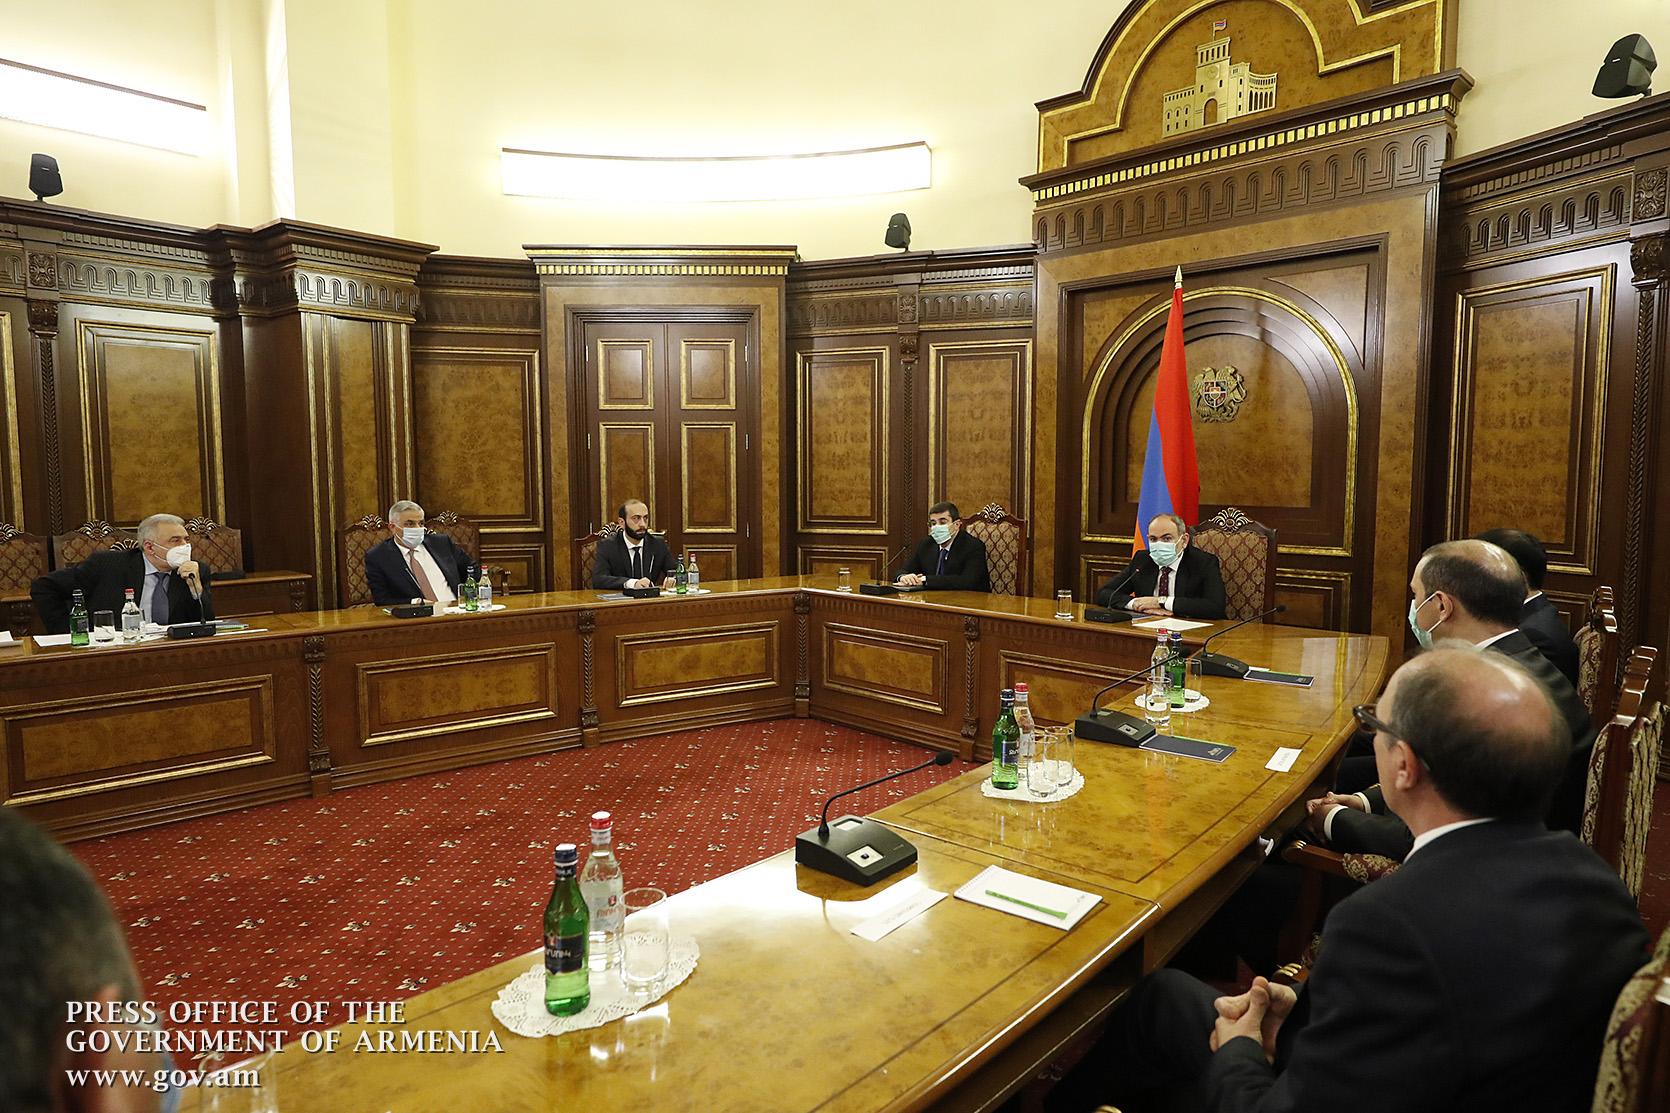 Photo of Վարչապետի գլխավորությամբ տեղի է ունեցել Անվտանգության խորհրդի նիստ